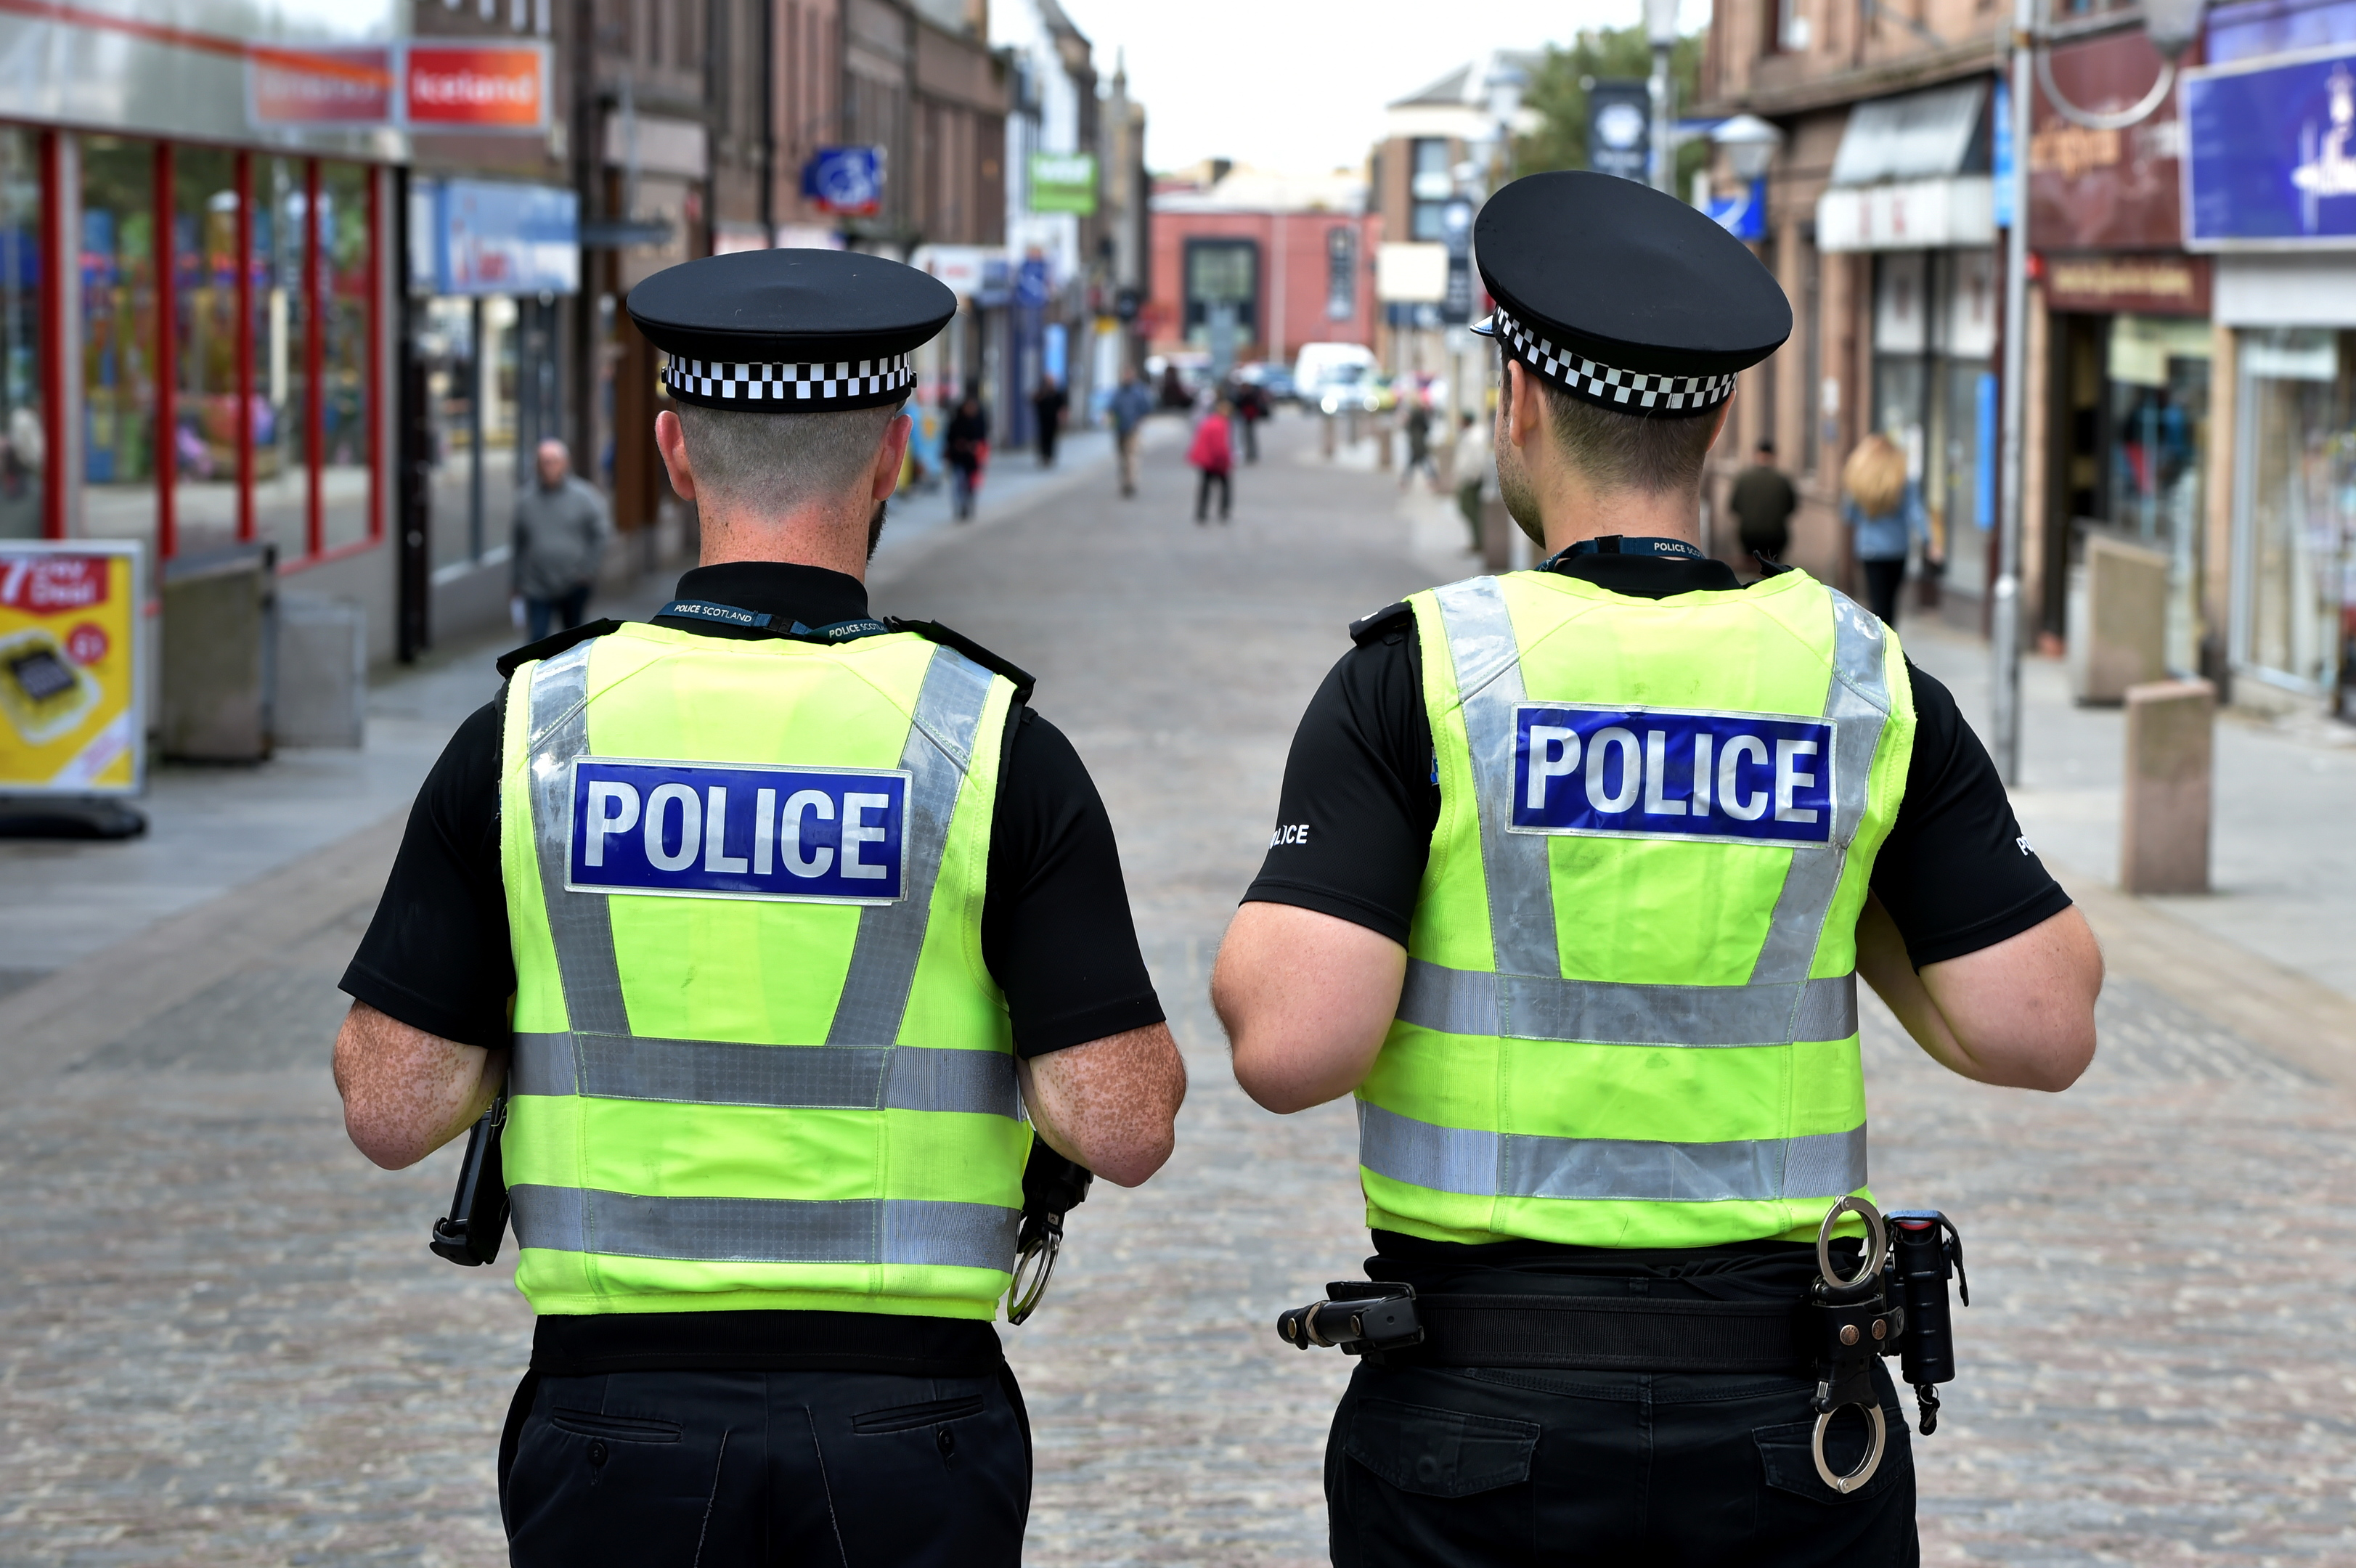 Police on patrol in Peterhead.